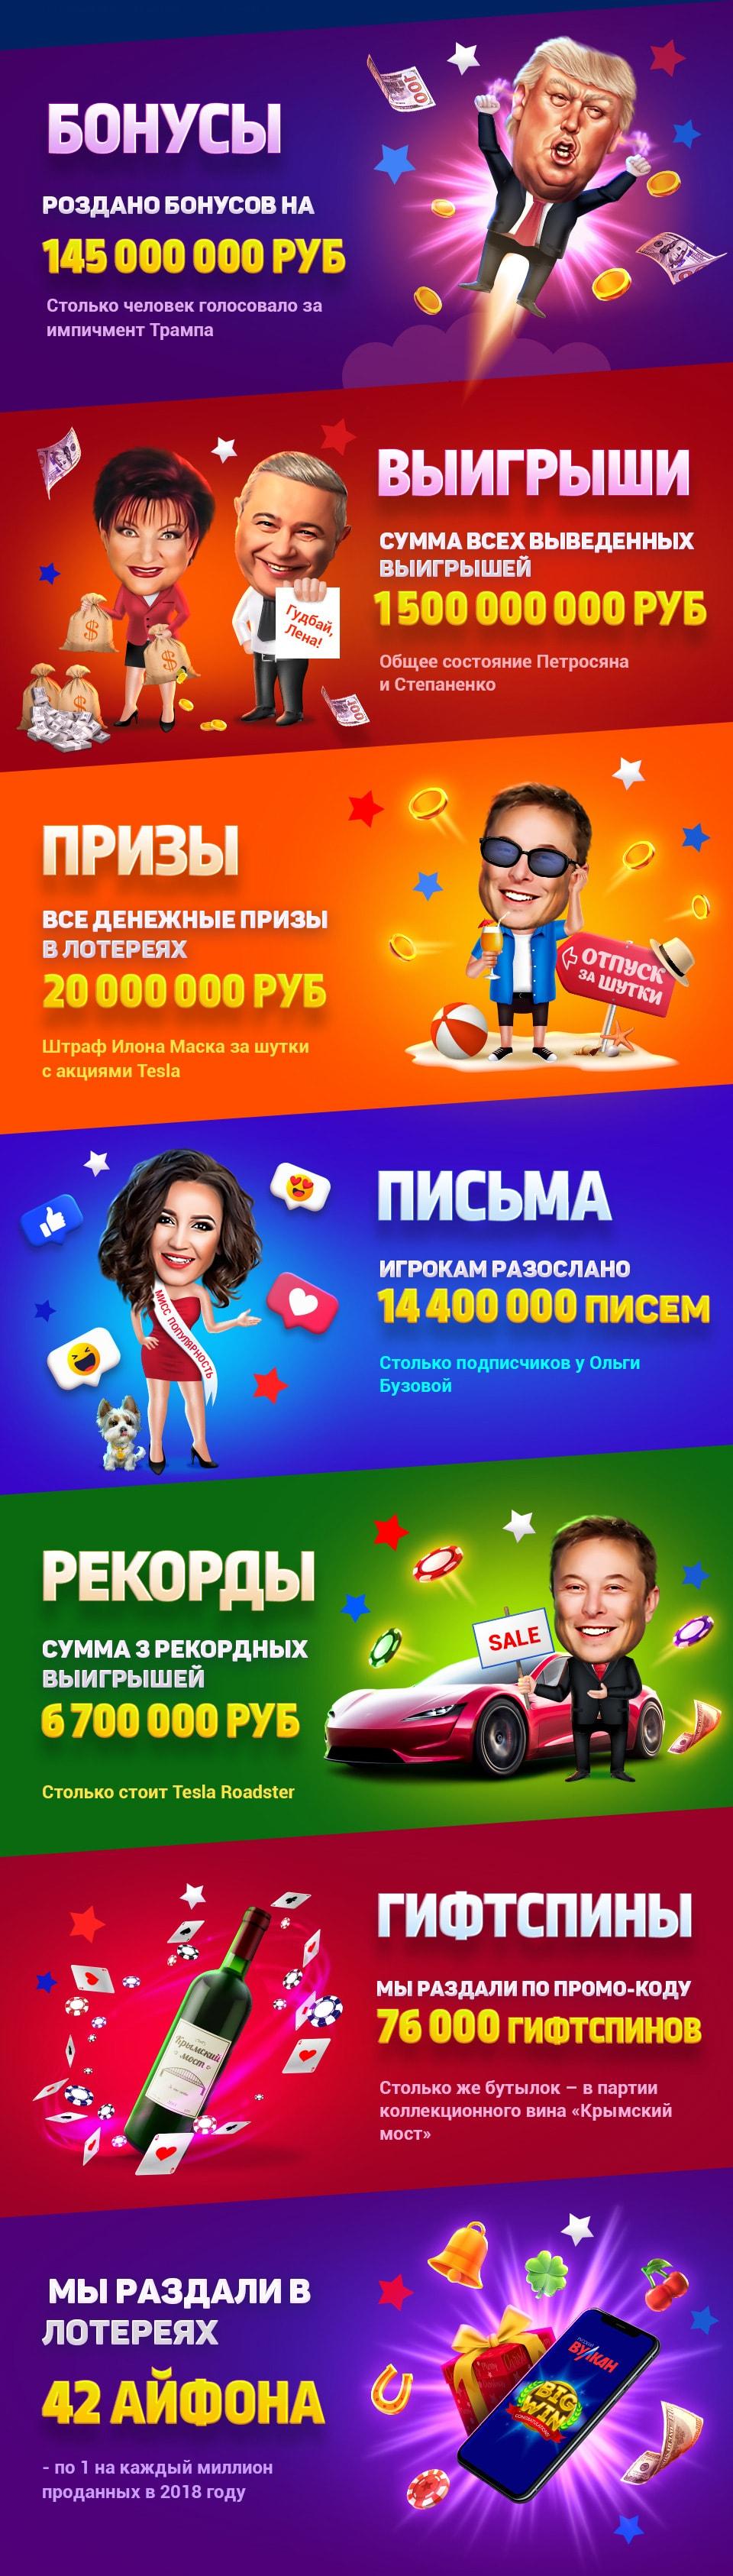 Русский Вулкан: годовой отчёт-2018